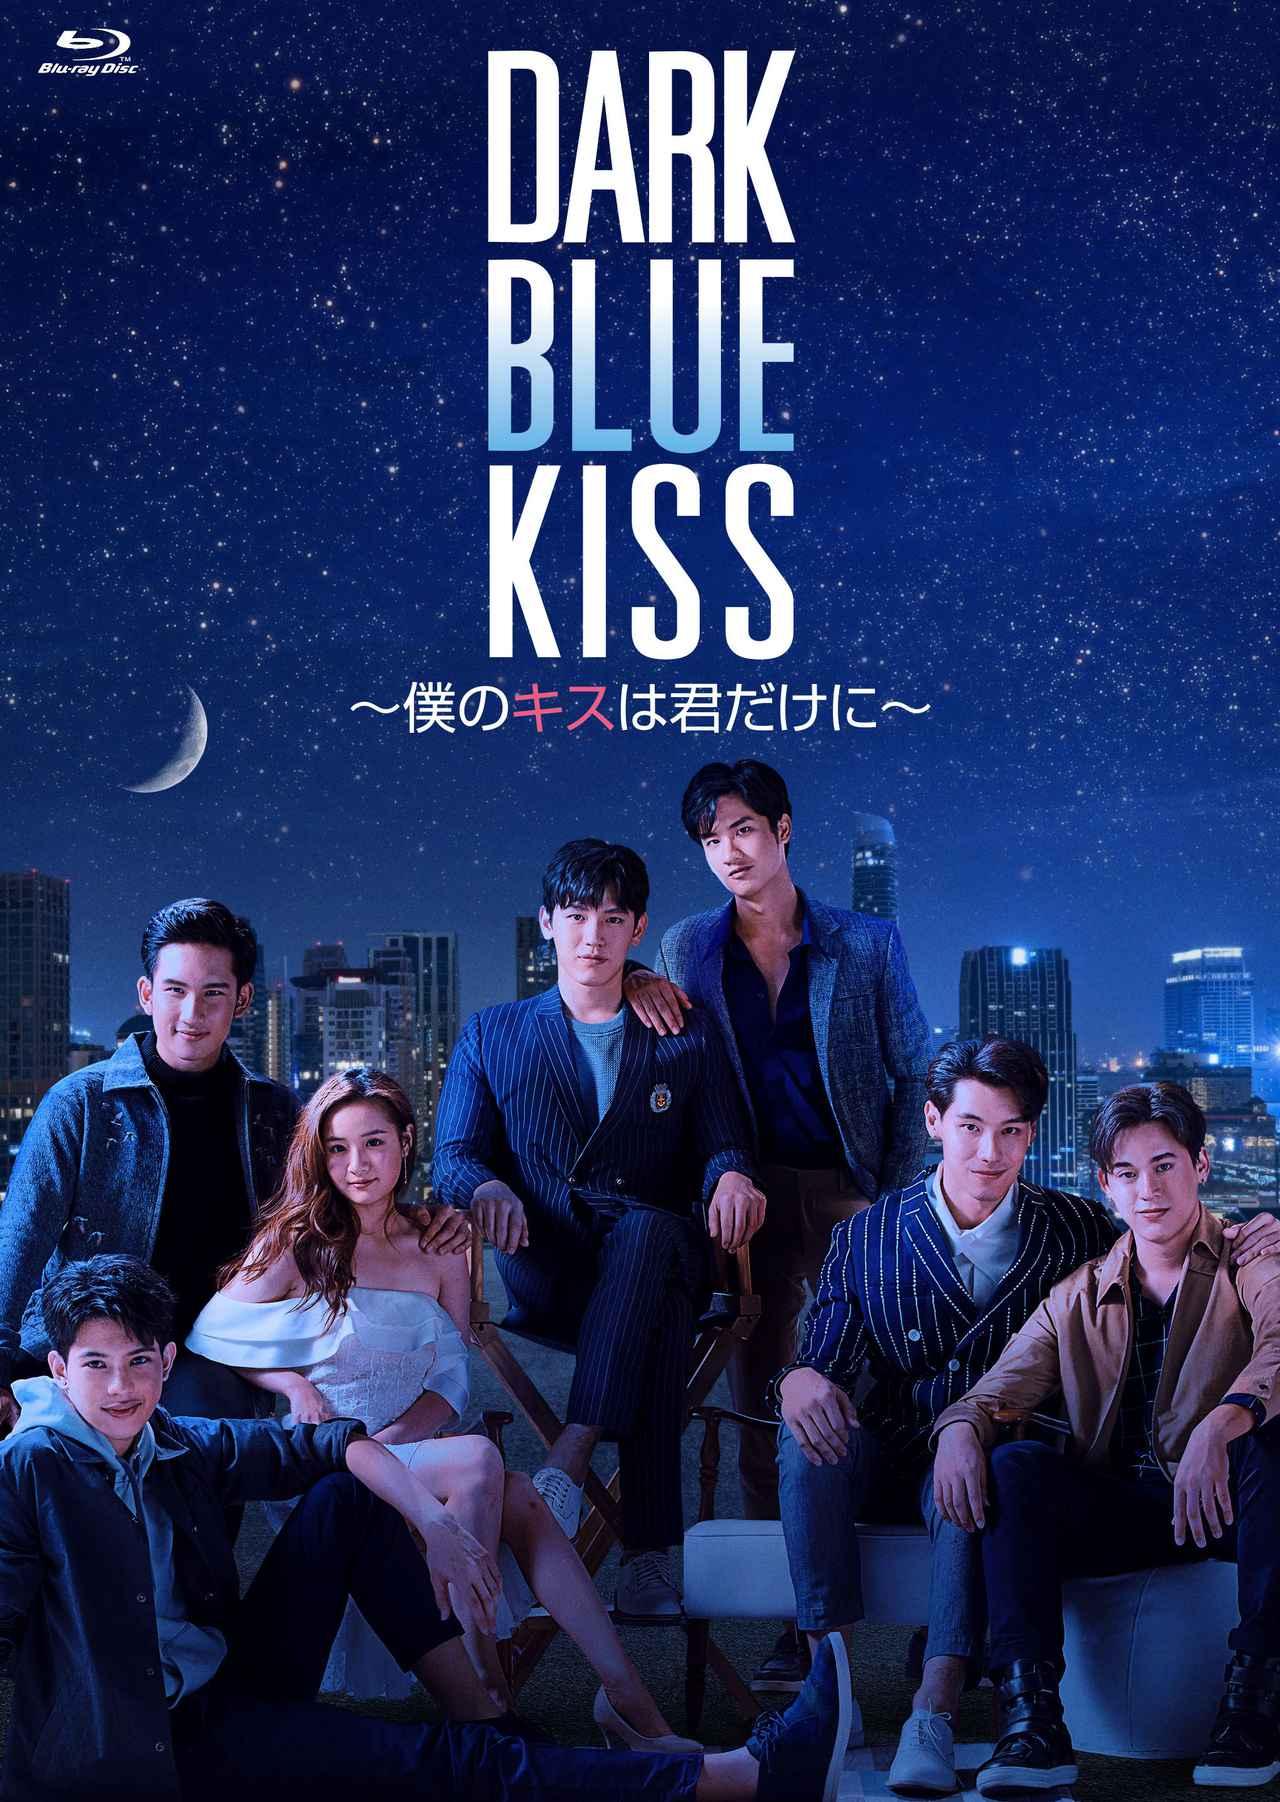 画像4: タイBLドラマの注目作『Our Skyy/アワ・スカイ』『Dark Blue Kiss』同日リリース決定